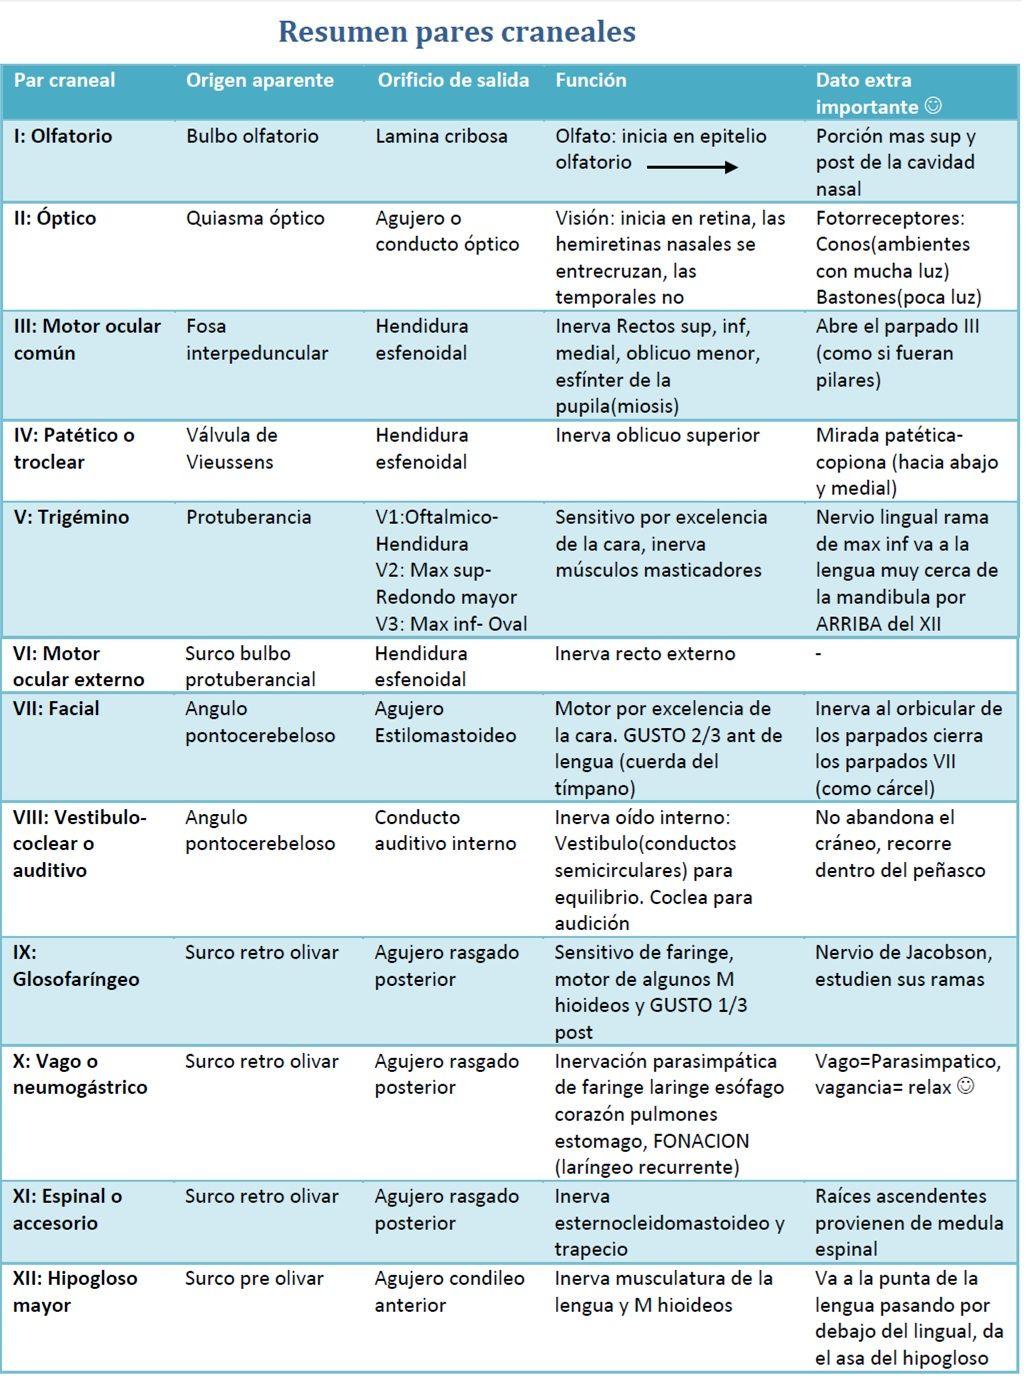 Recursos Bibliográficos y Novedades Médicas: RESUMEN DE PARES ...